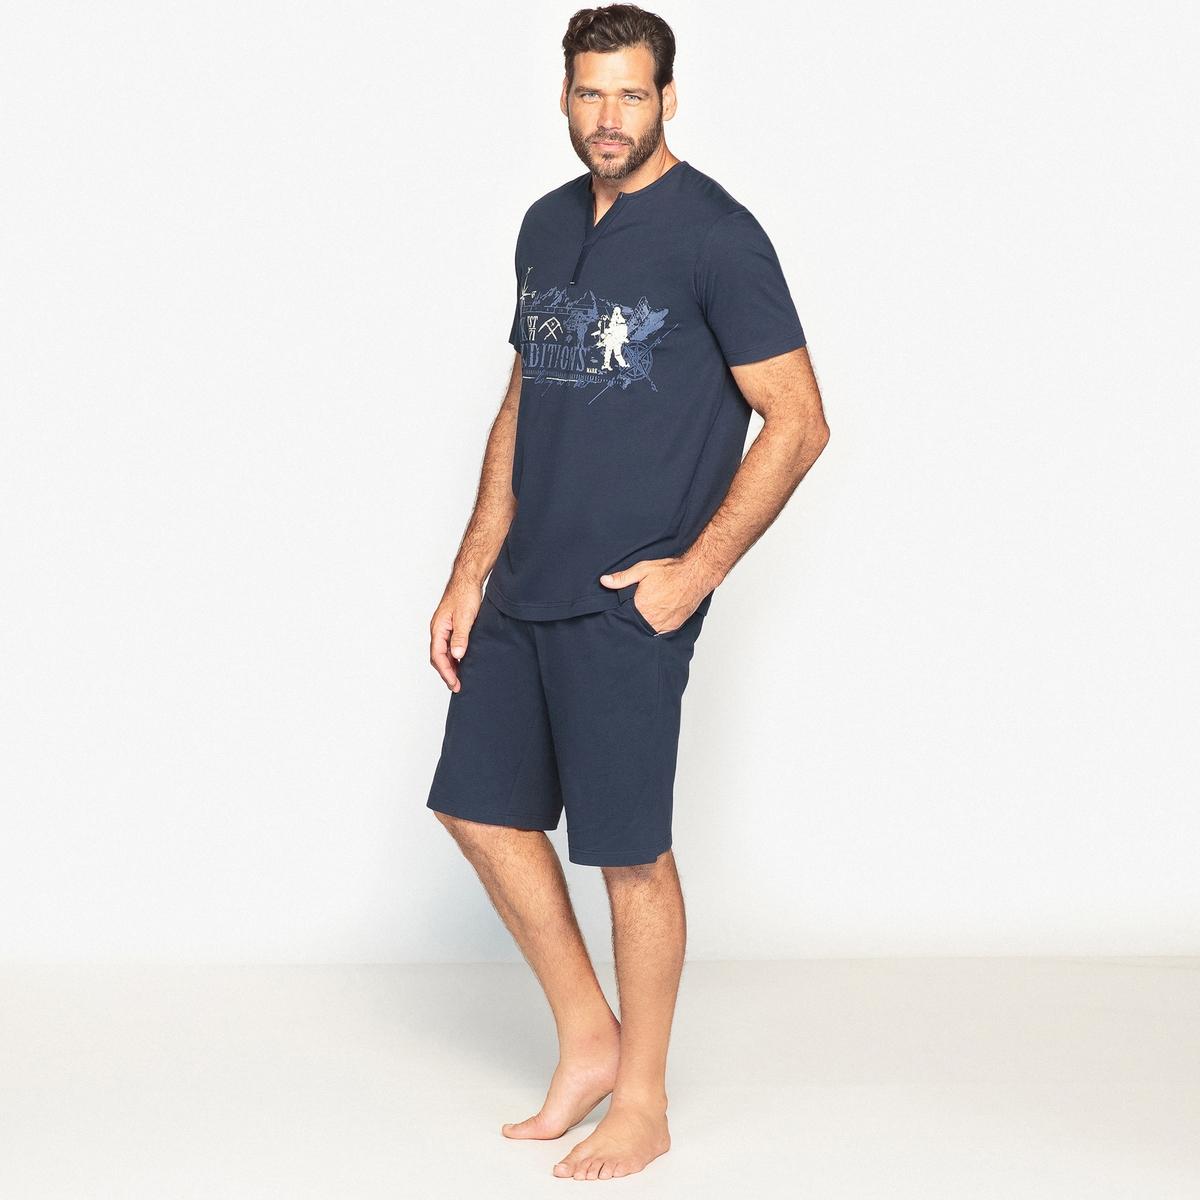 Pijama de mangas curtas, decote tunisino